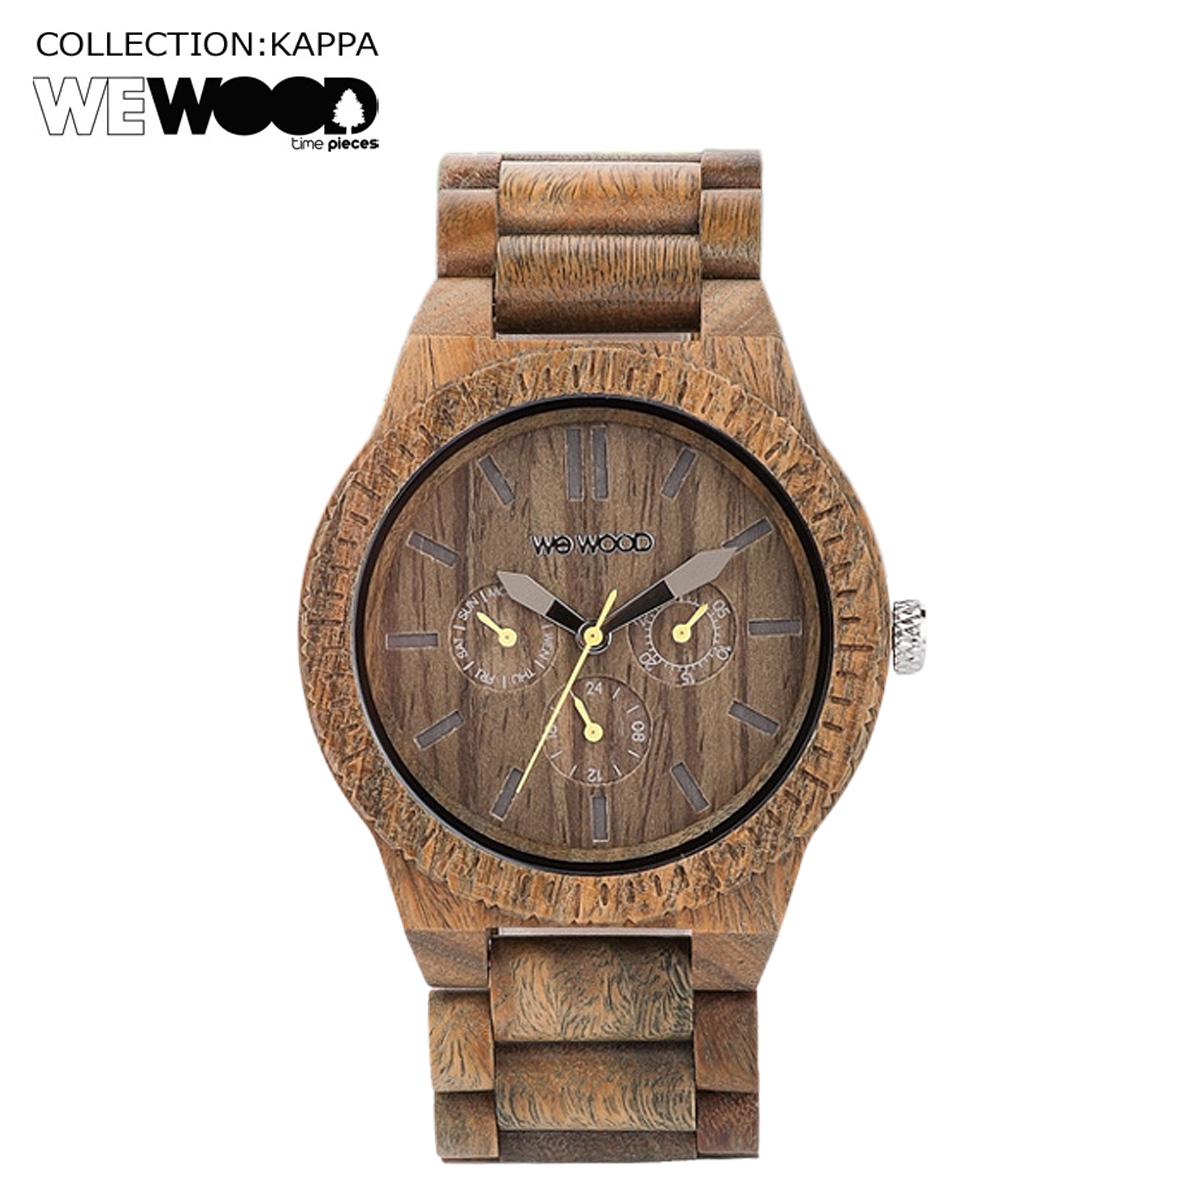 ウィーウッド WEWOOD 腕時計 KAPPA アーミー ARMY NATURAL WOOD メンズ レディース